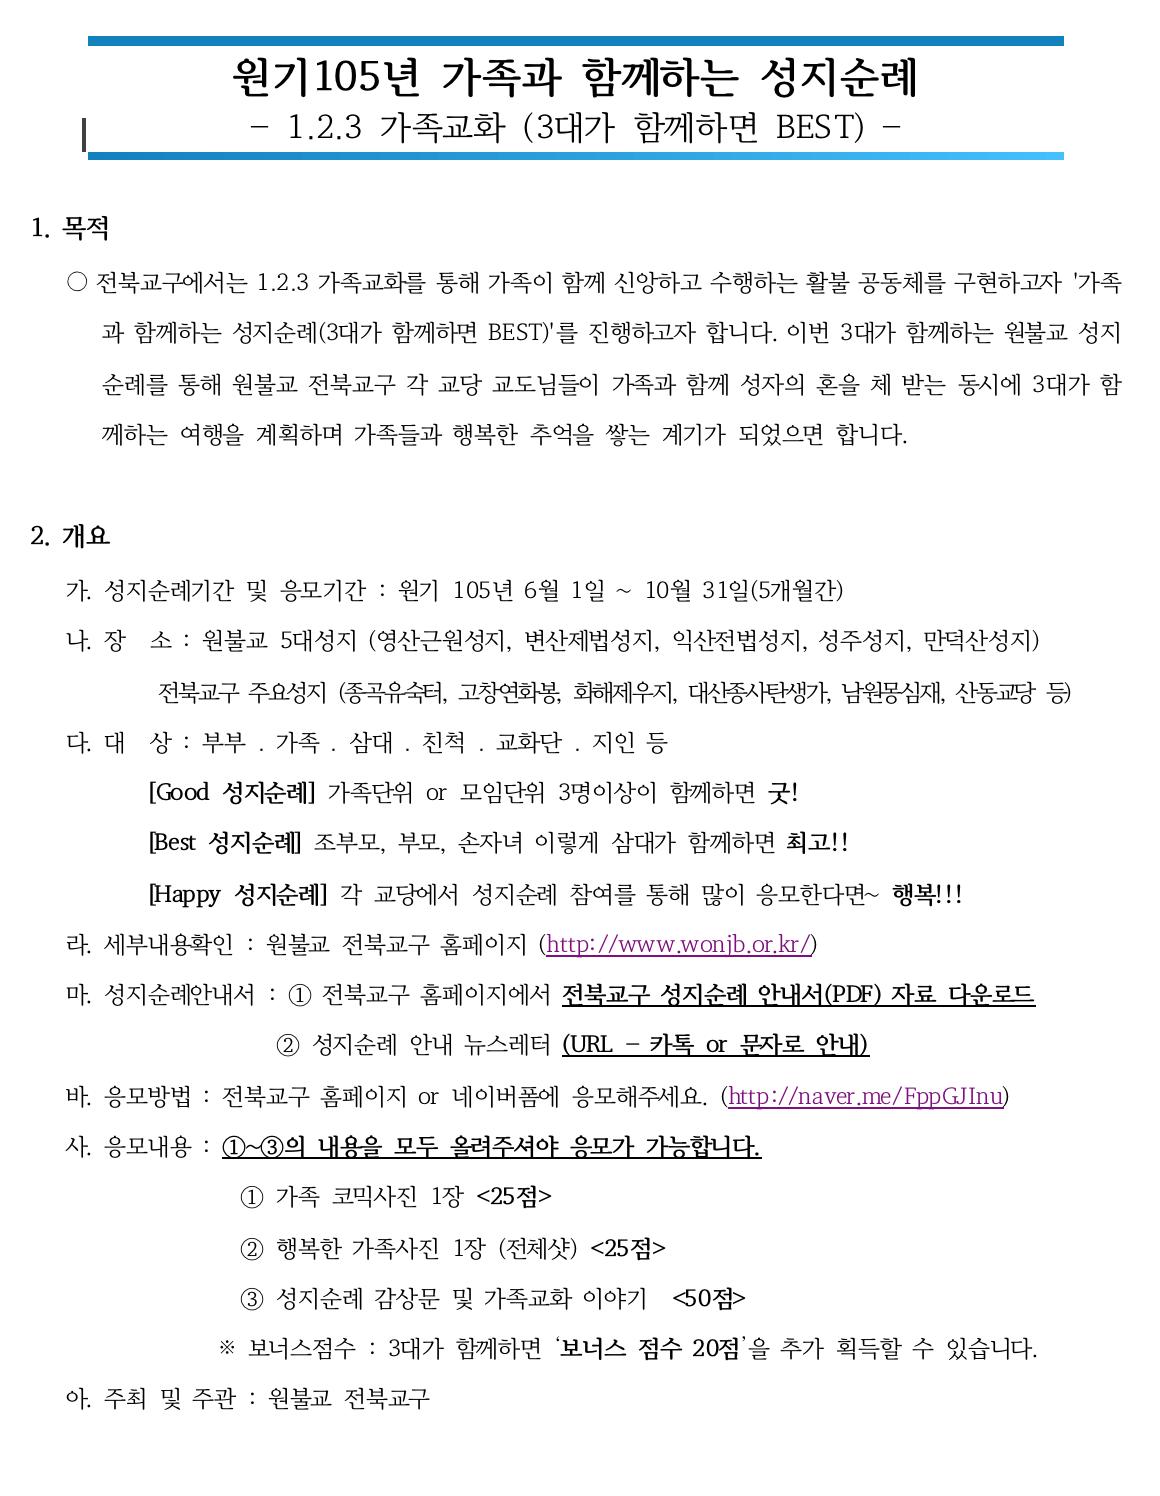 성지순례 행사개요 1.png